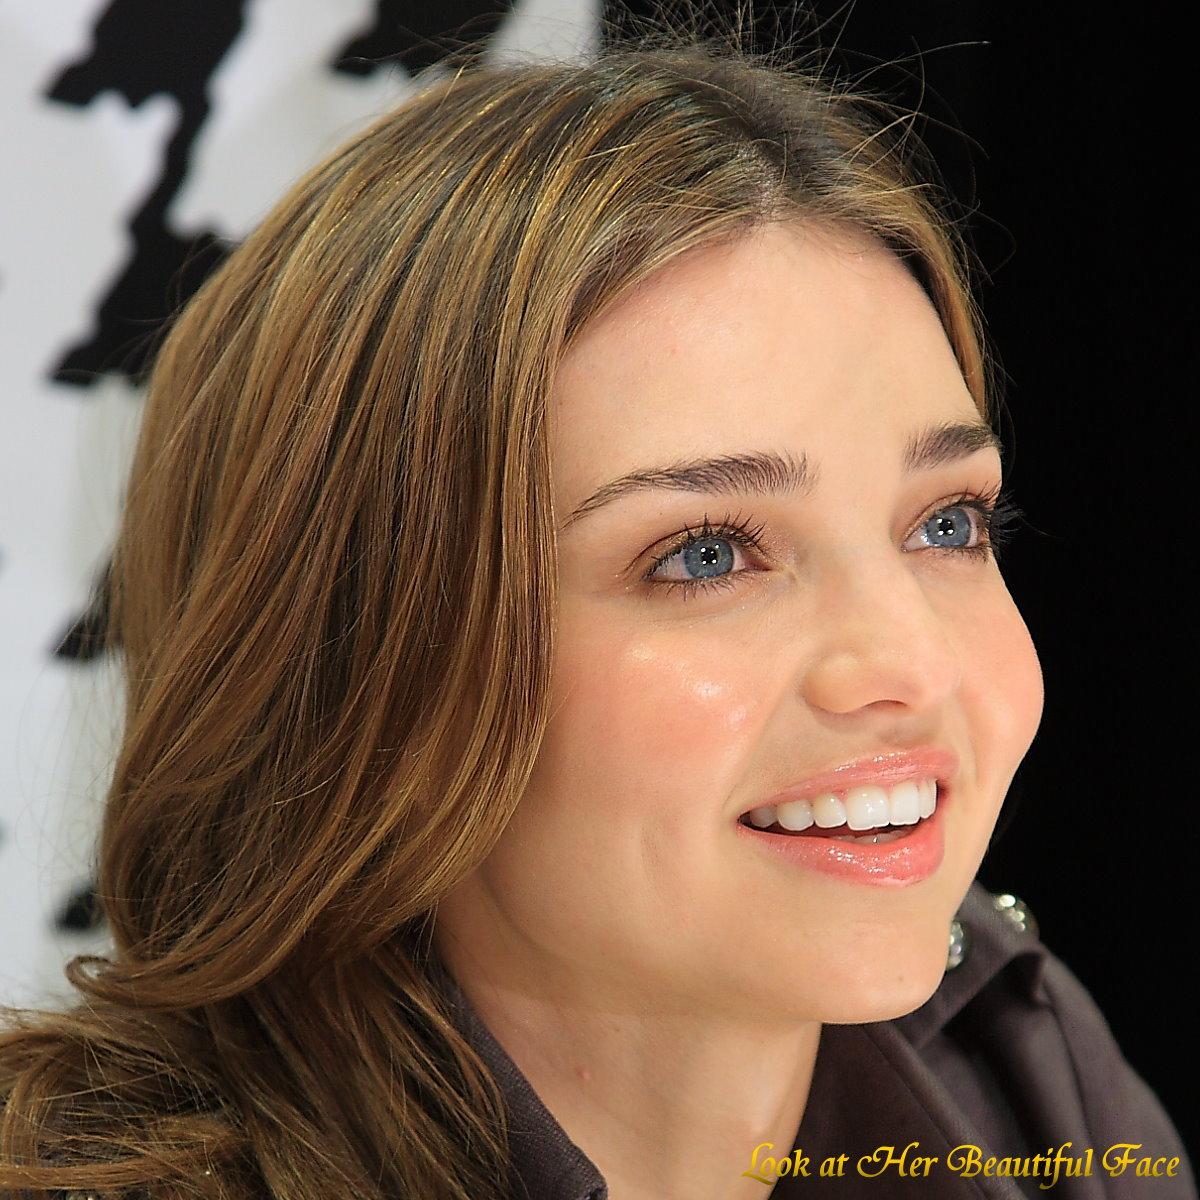 http://1.bp.blogspot.com/__UQSIjH59iA/TBy0UJIifiI/AAAAAAAADfk/SQ-QVPSFFso/s1600/Miranda+Kerr_2.JPG%0A